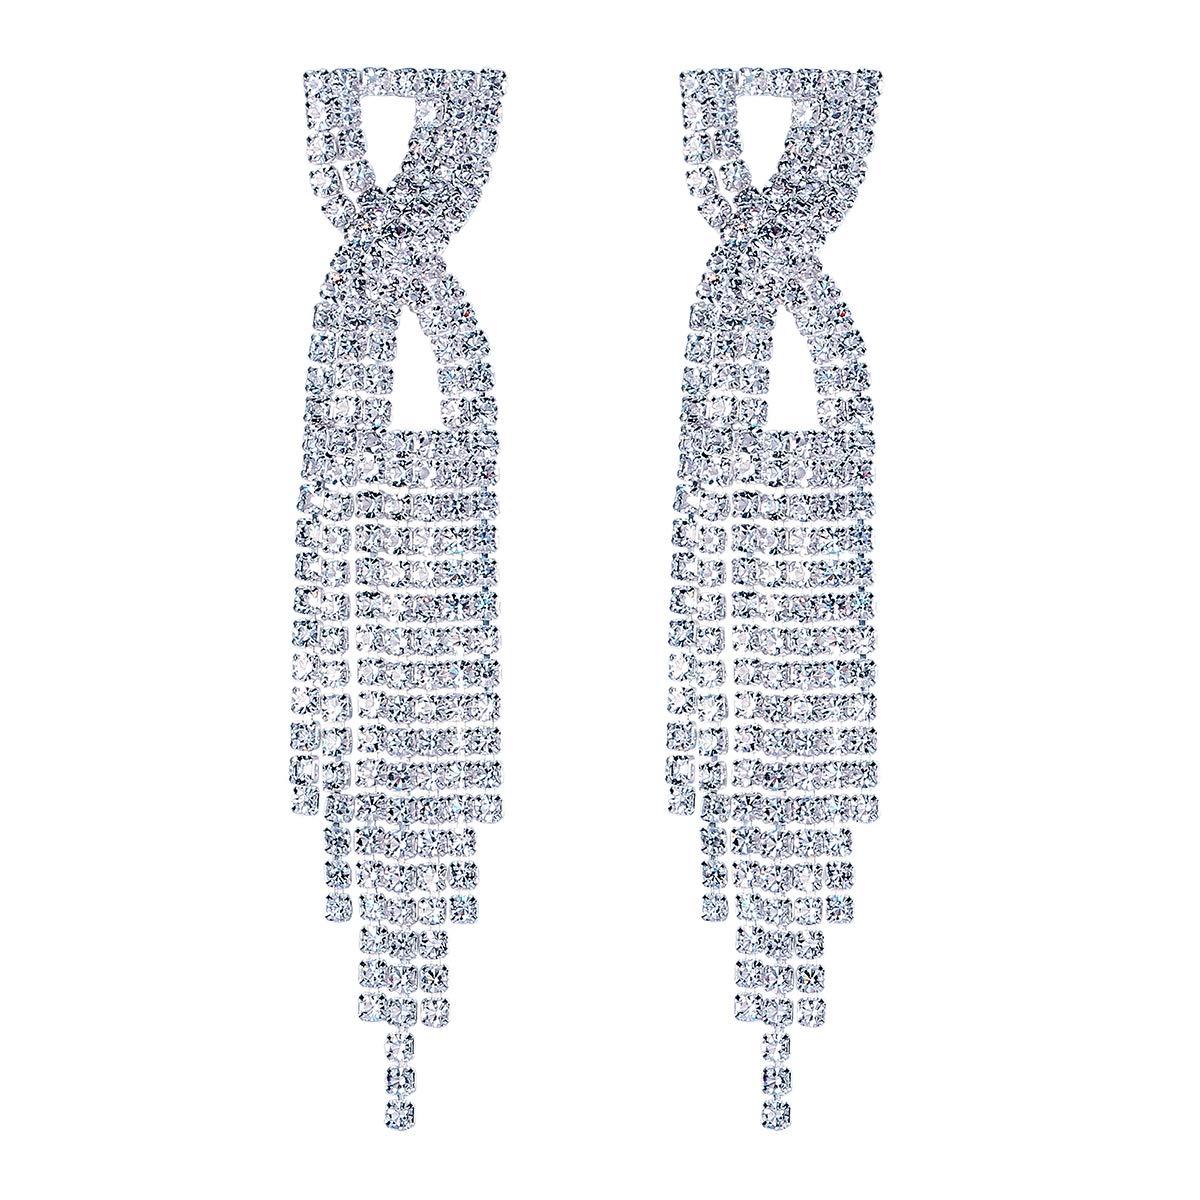 FOCALOOK Bridal Long Tassel Wedding Austrian Crystal Chandelier Drop Earrings White Gold Plated Jewelry